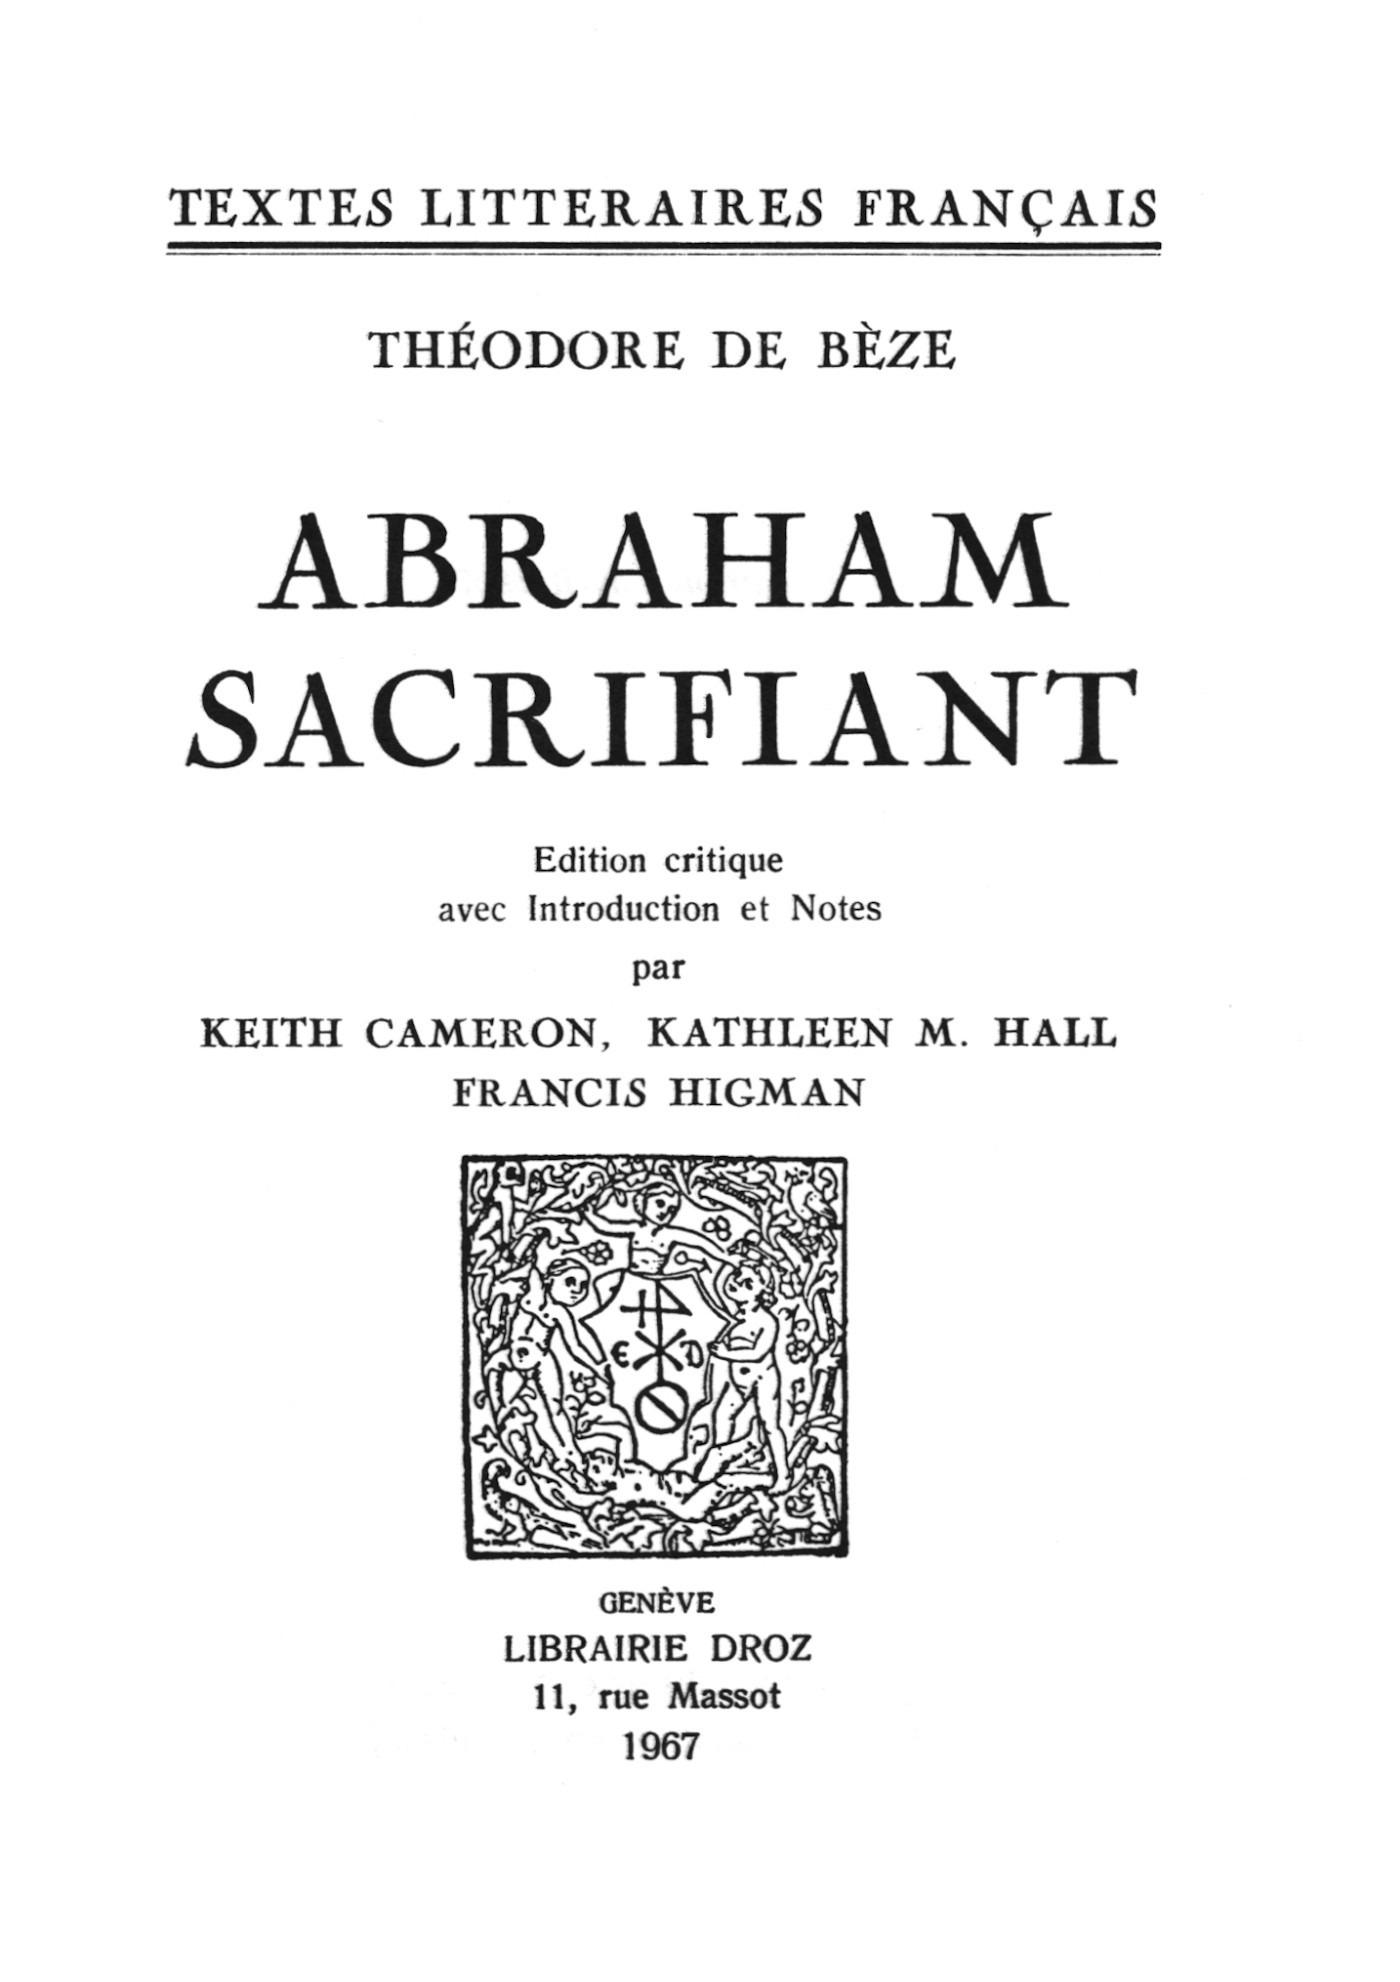 Abraham sacrifiant  - Théodore de Bèze